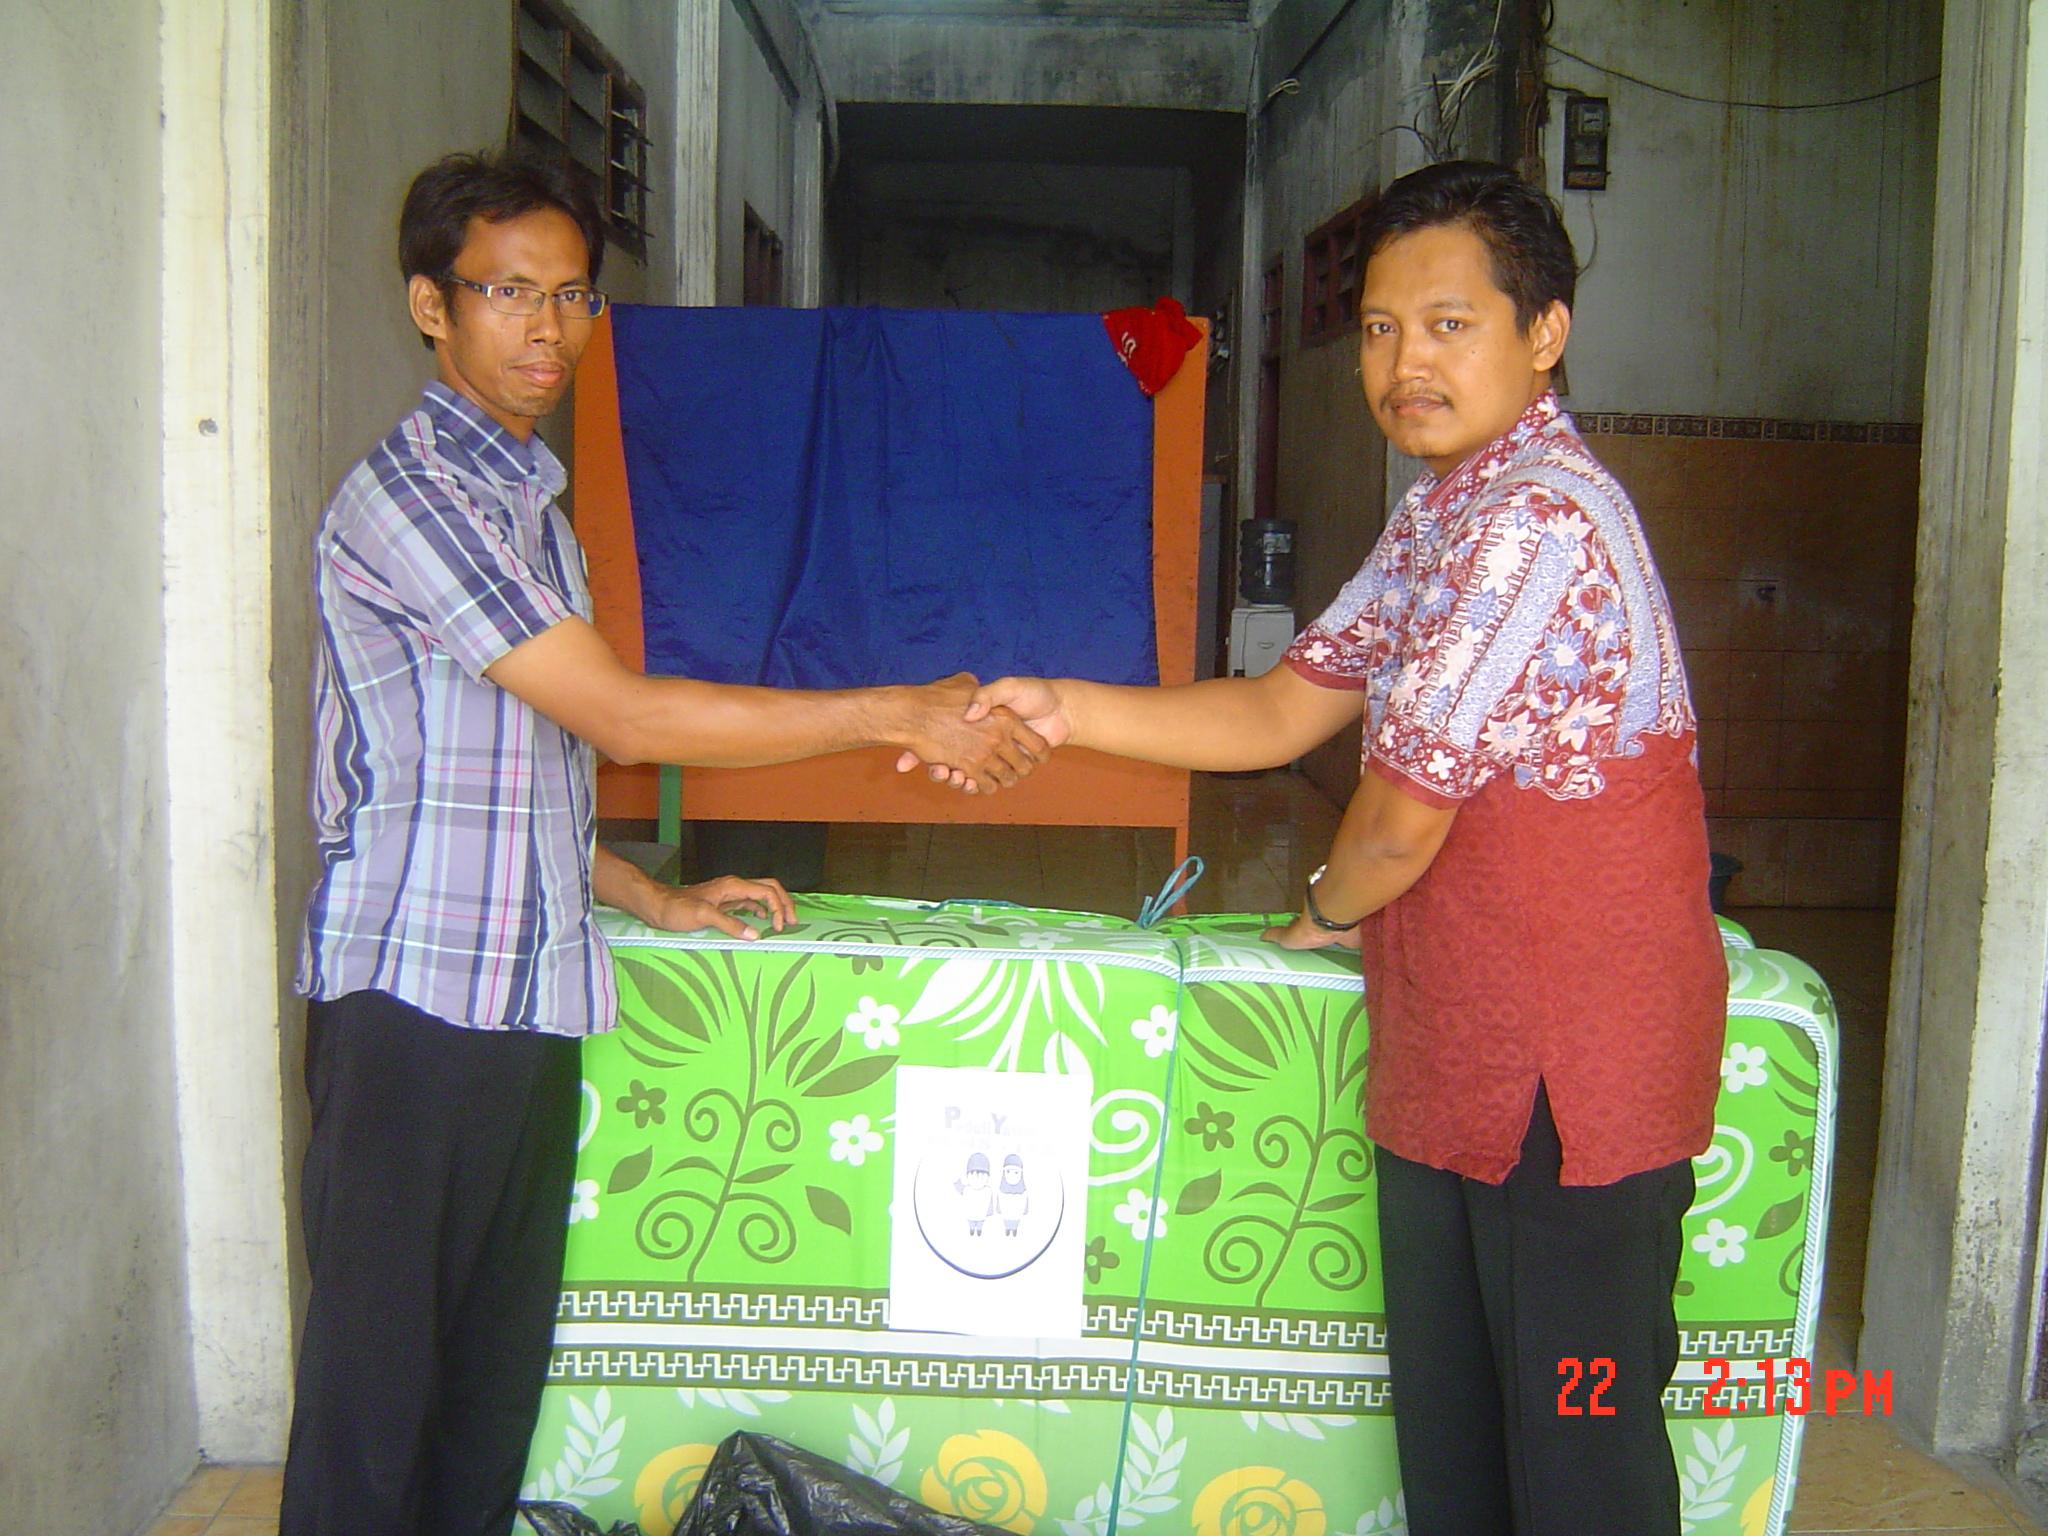 penyerahan barang bekas layak pakai (kasur busa dan karpet) ke PAY DARUSSALAM,  Rabu 21 Mei 2014